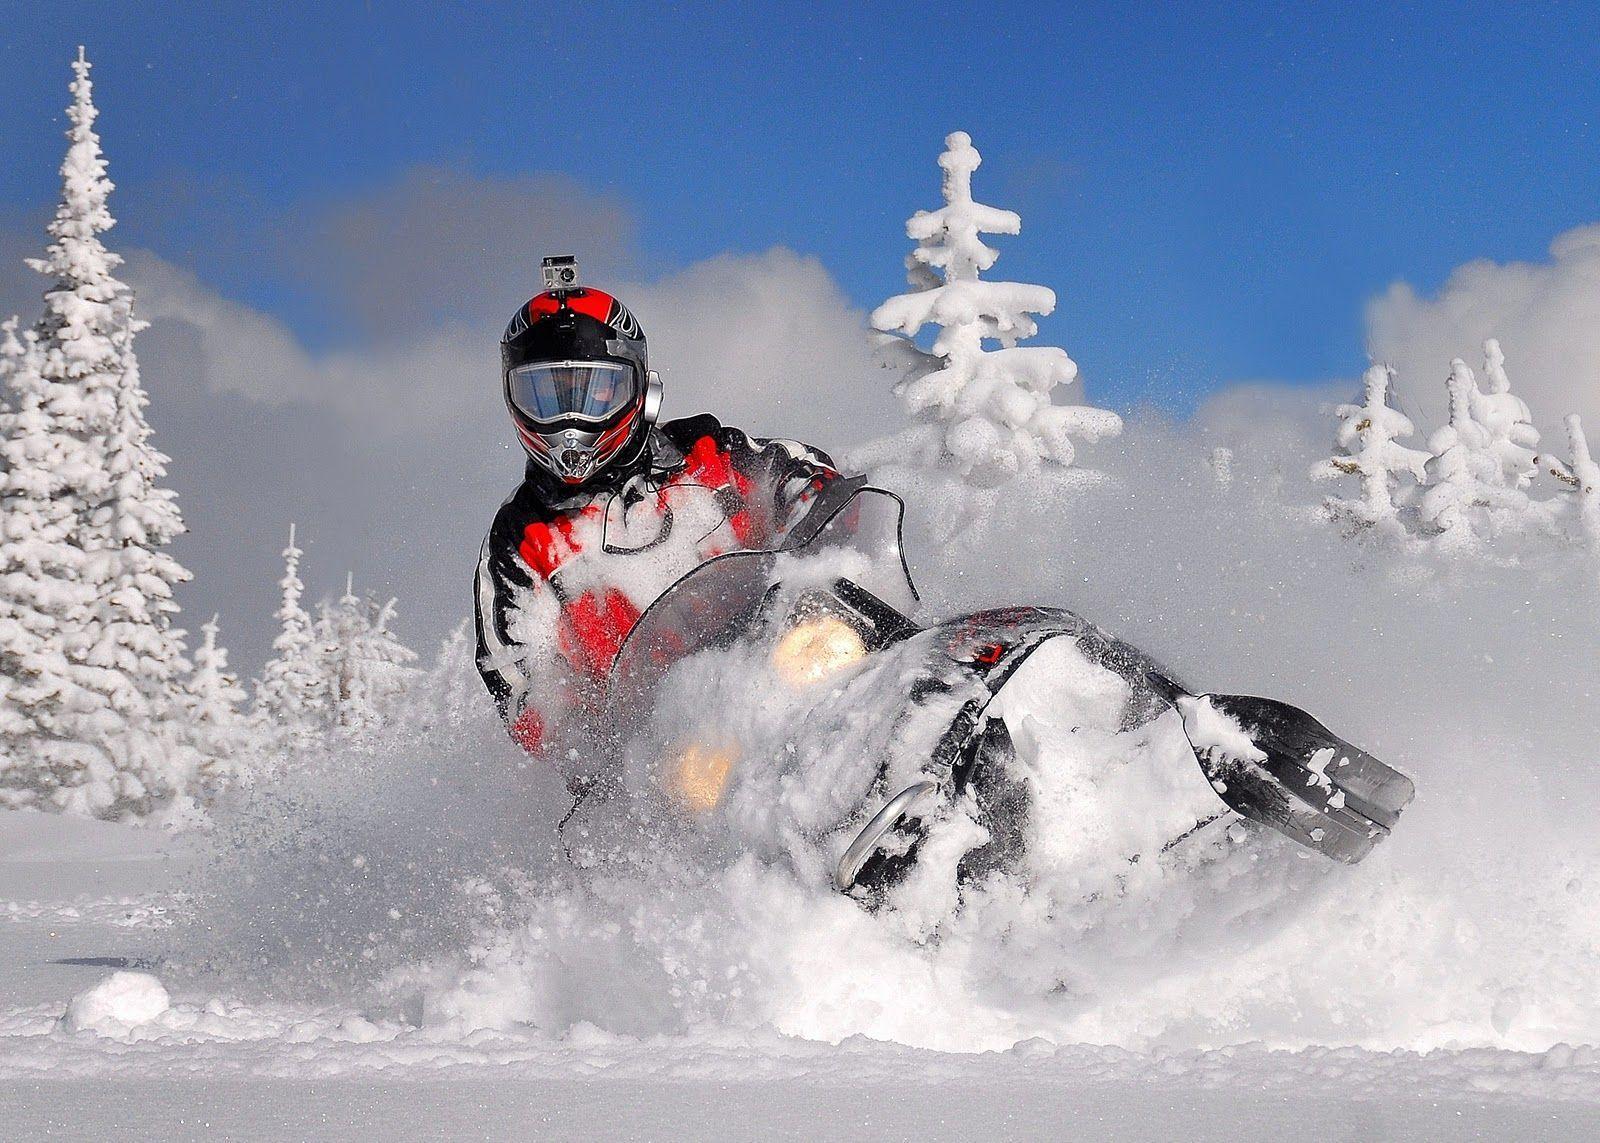 снегоход картинки спорт электро-спорткара ультра-дорогом